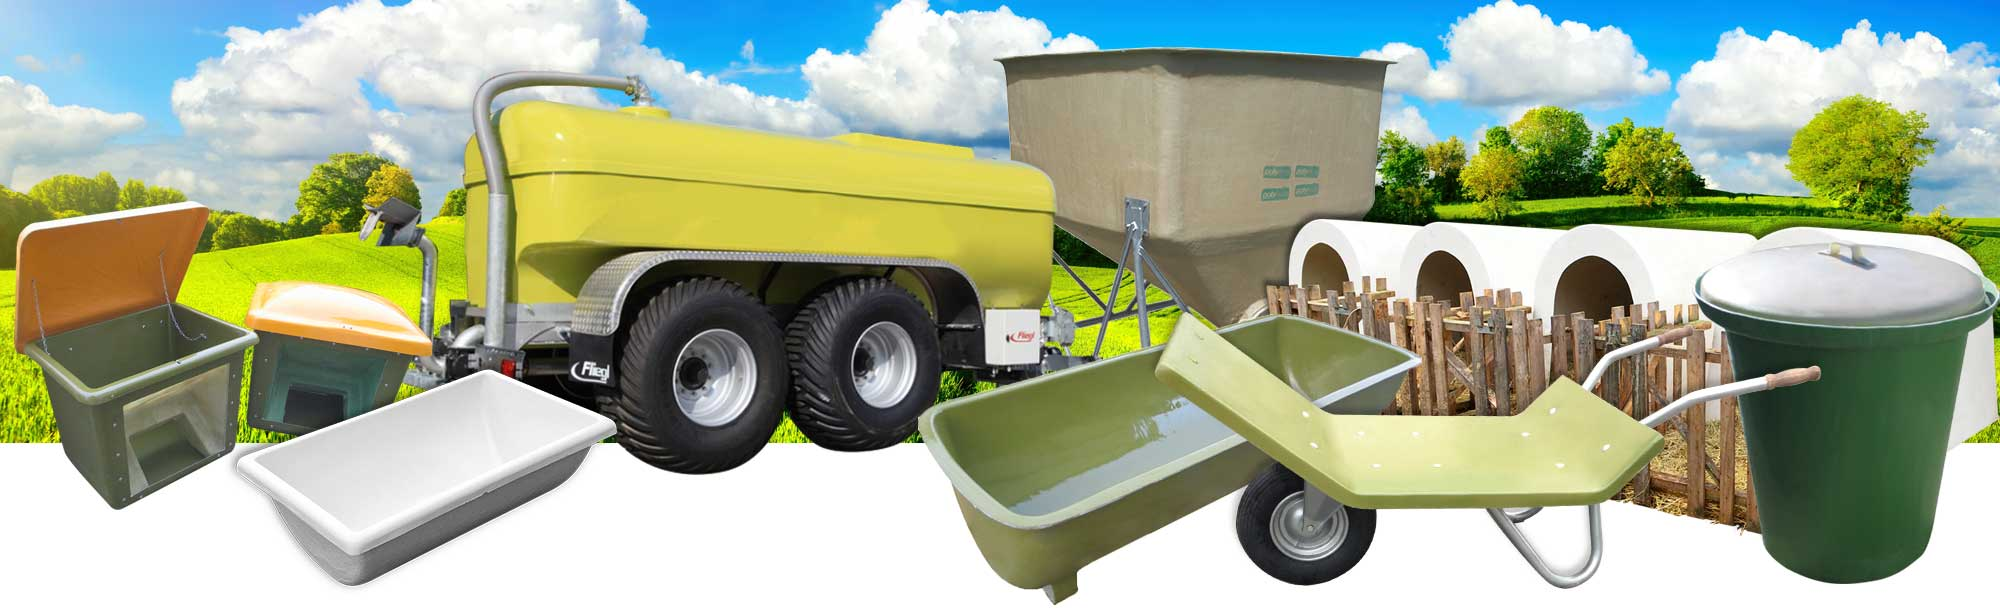 GFK Produkte für die Landwirtschaft